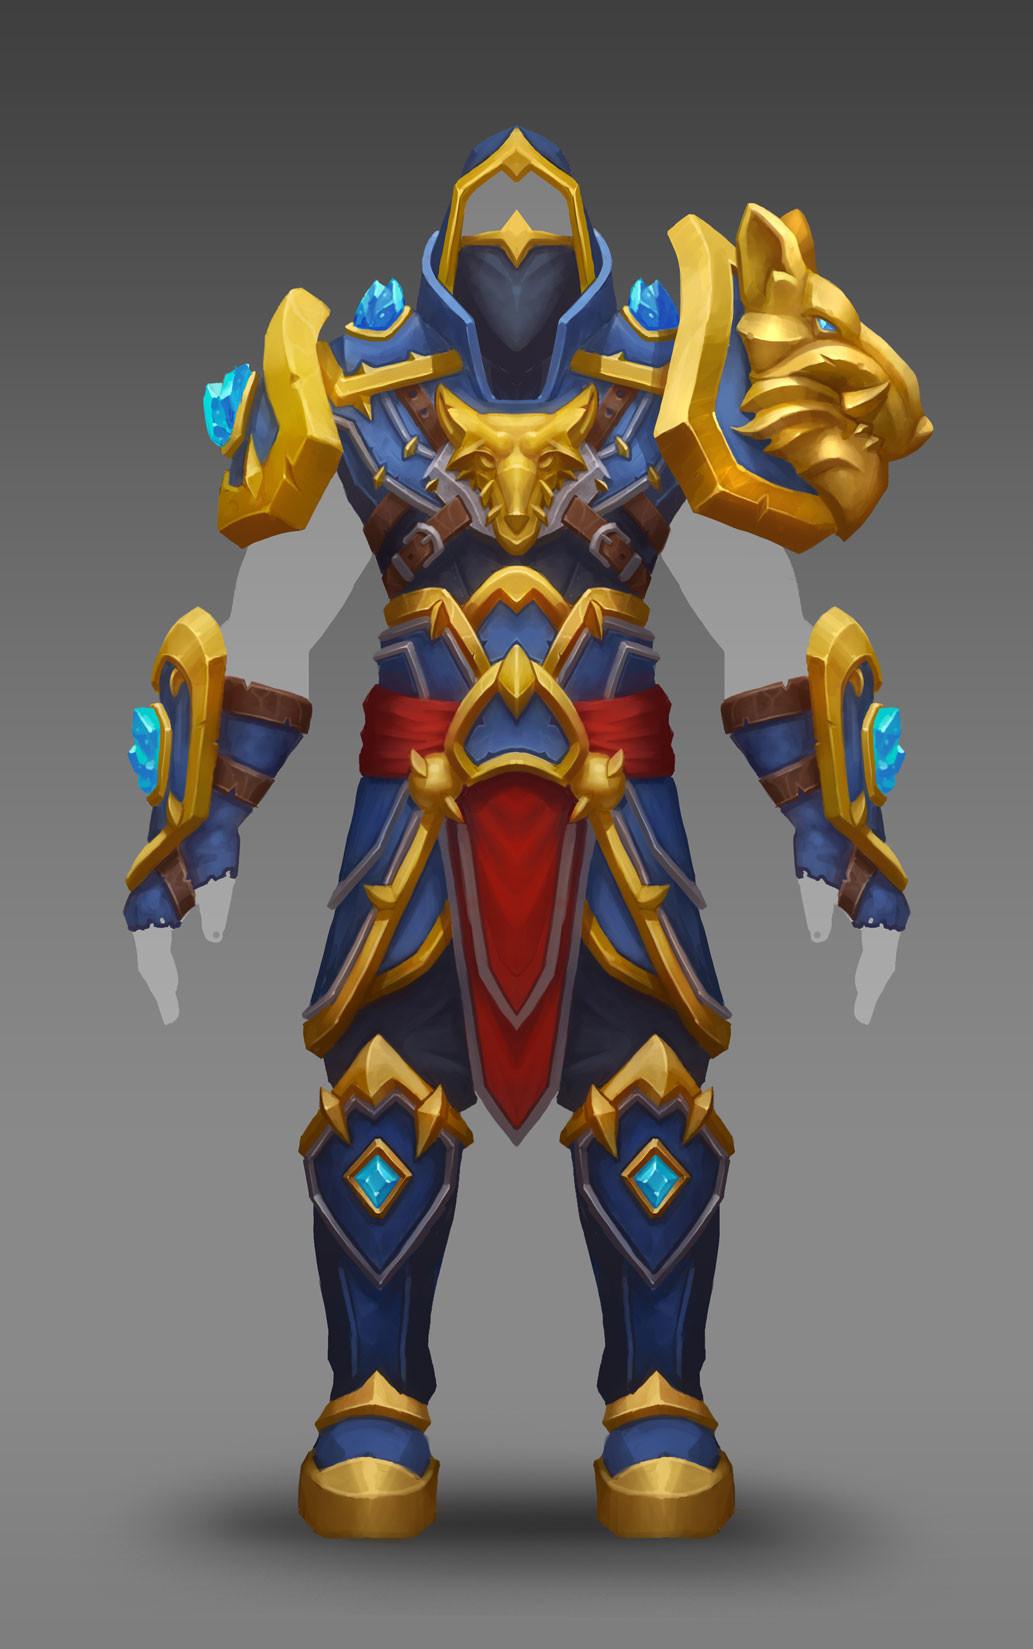 Maxence burgel armor sketchzbv 6